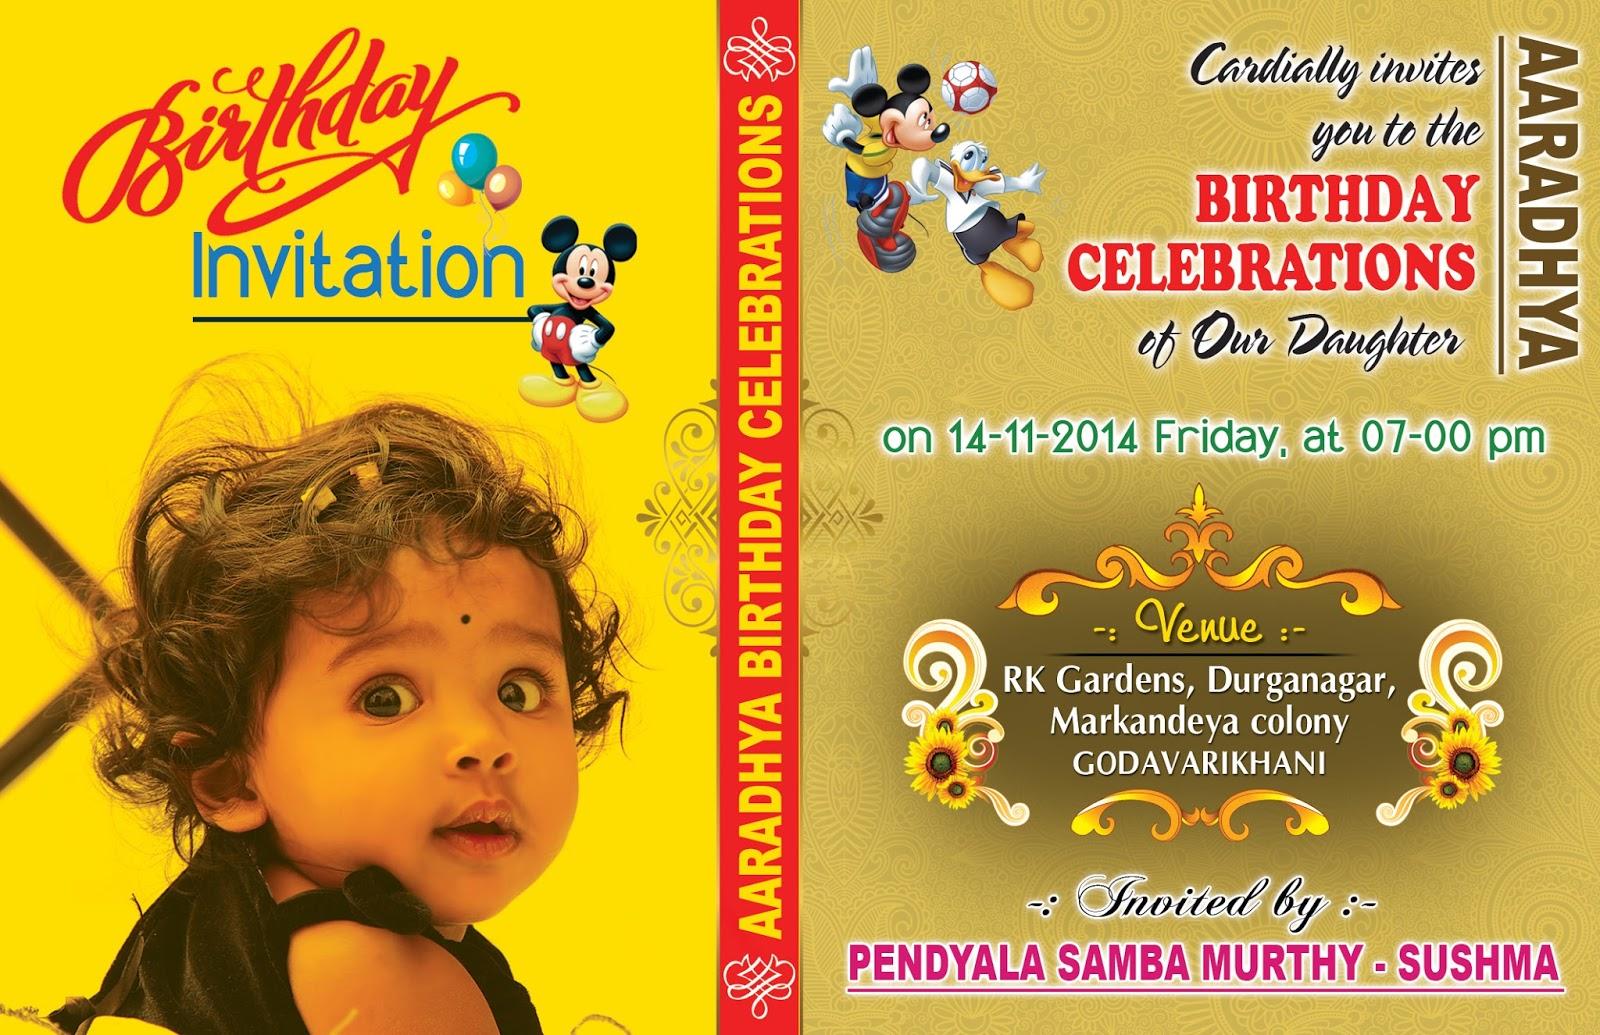 birthday invitation card cover design